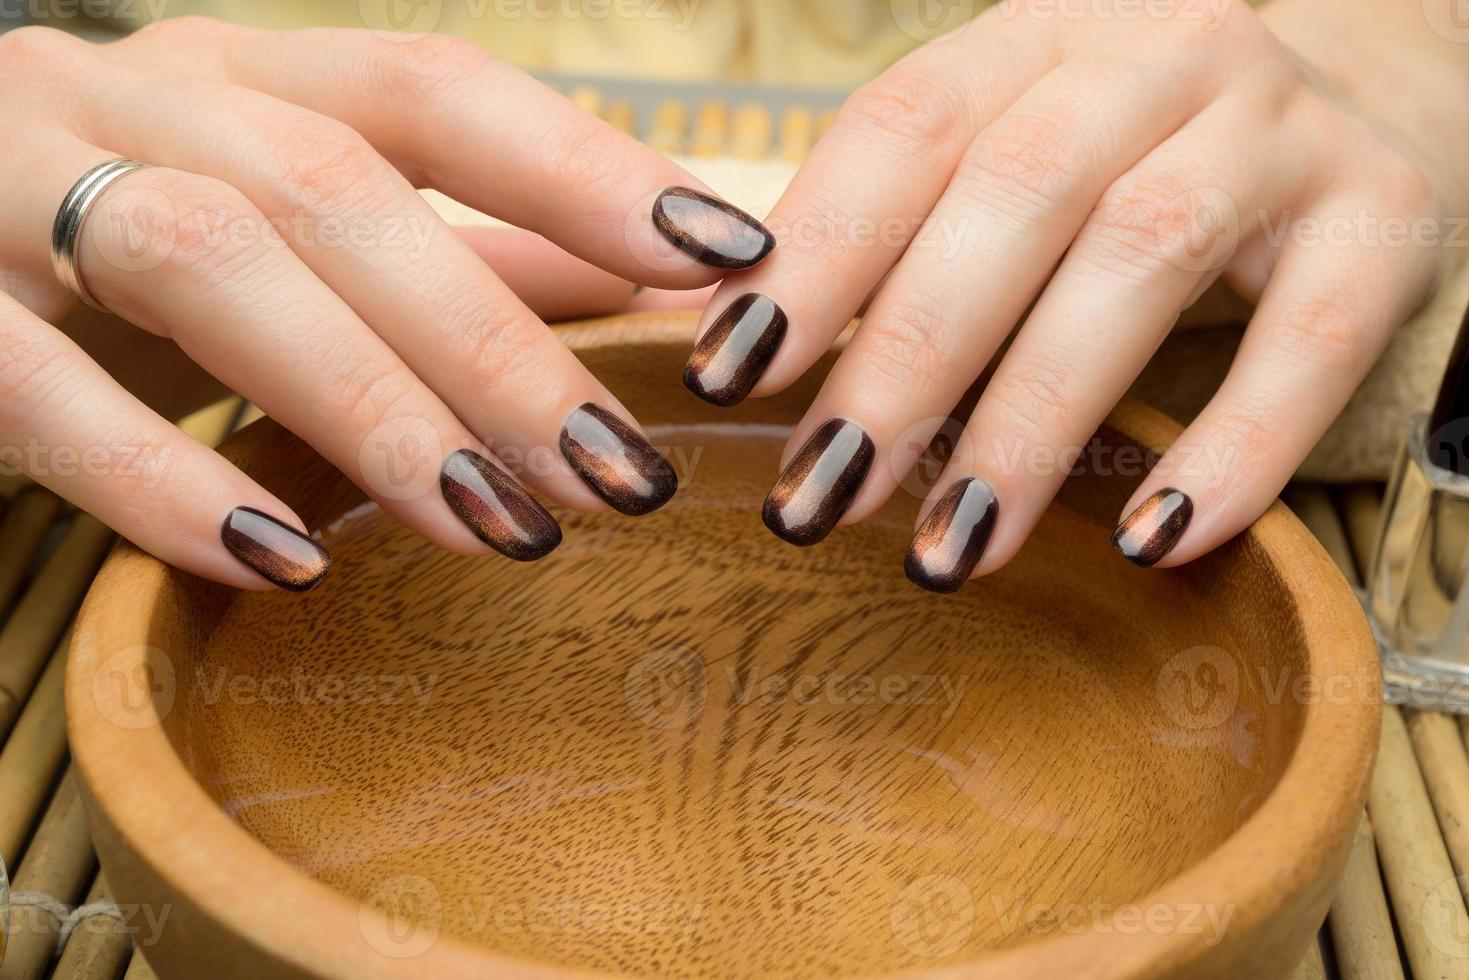 Beautiful woman's nails with nice stylish manicure photo